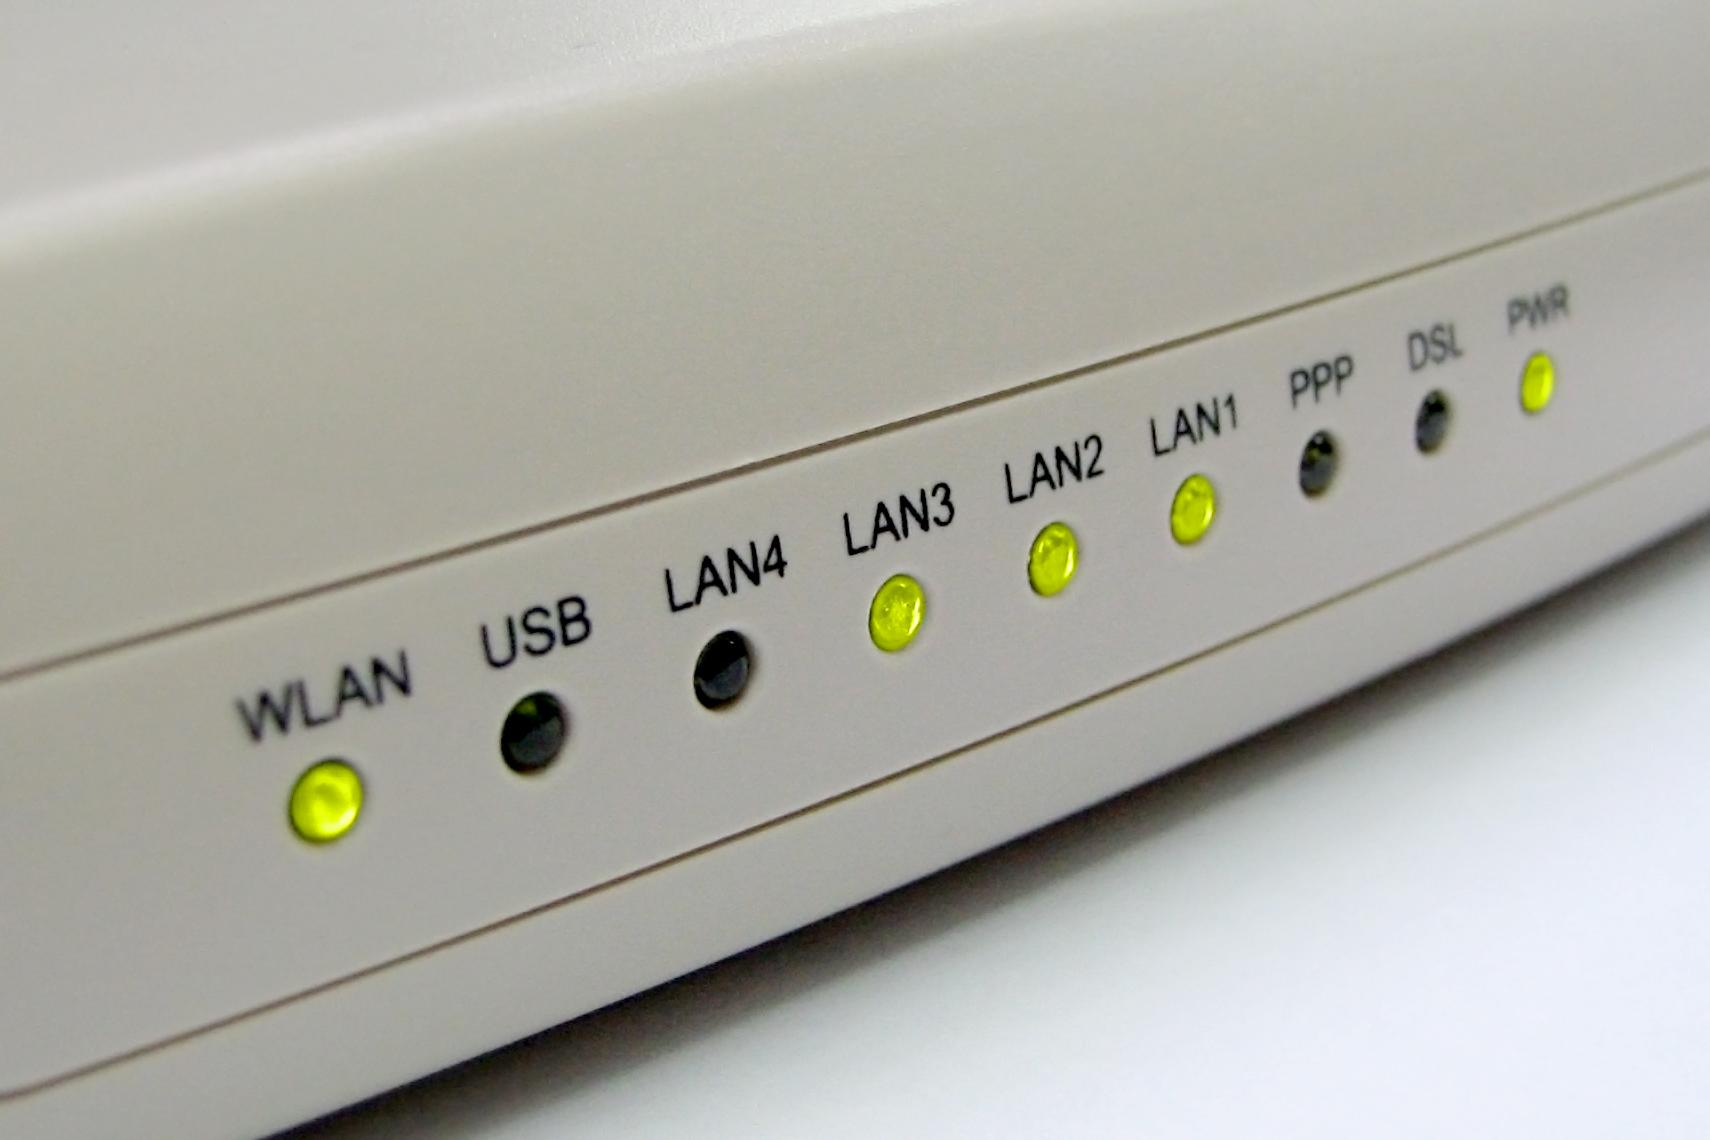 Saca el máximo partido a tu red wifi cambiándole el canal